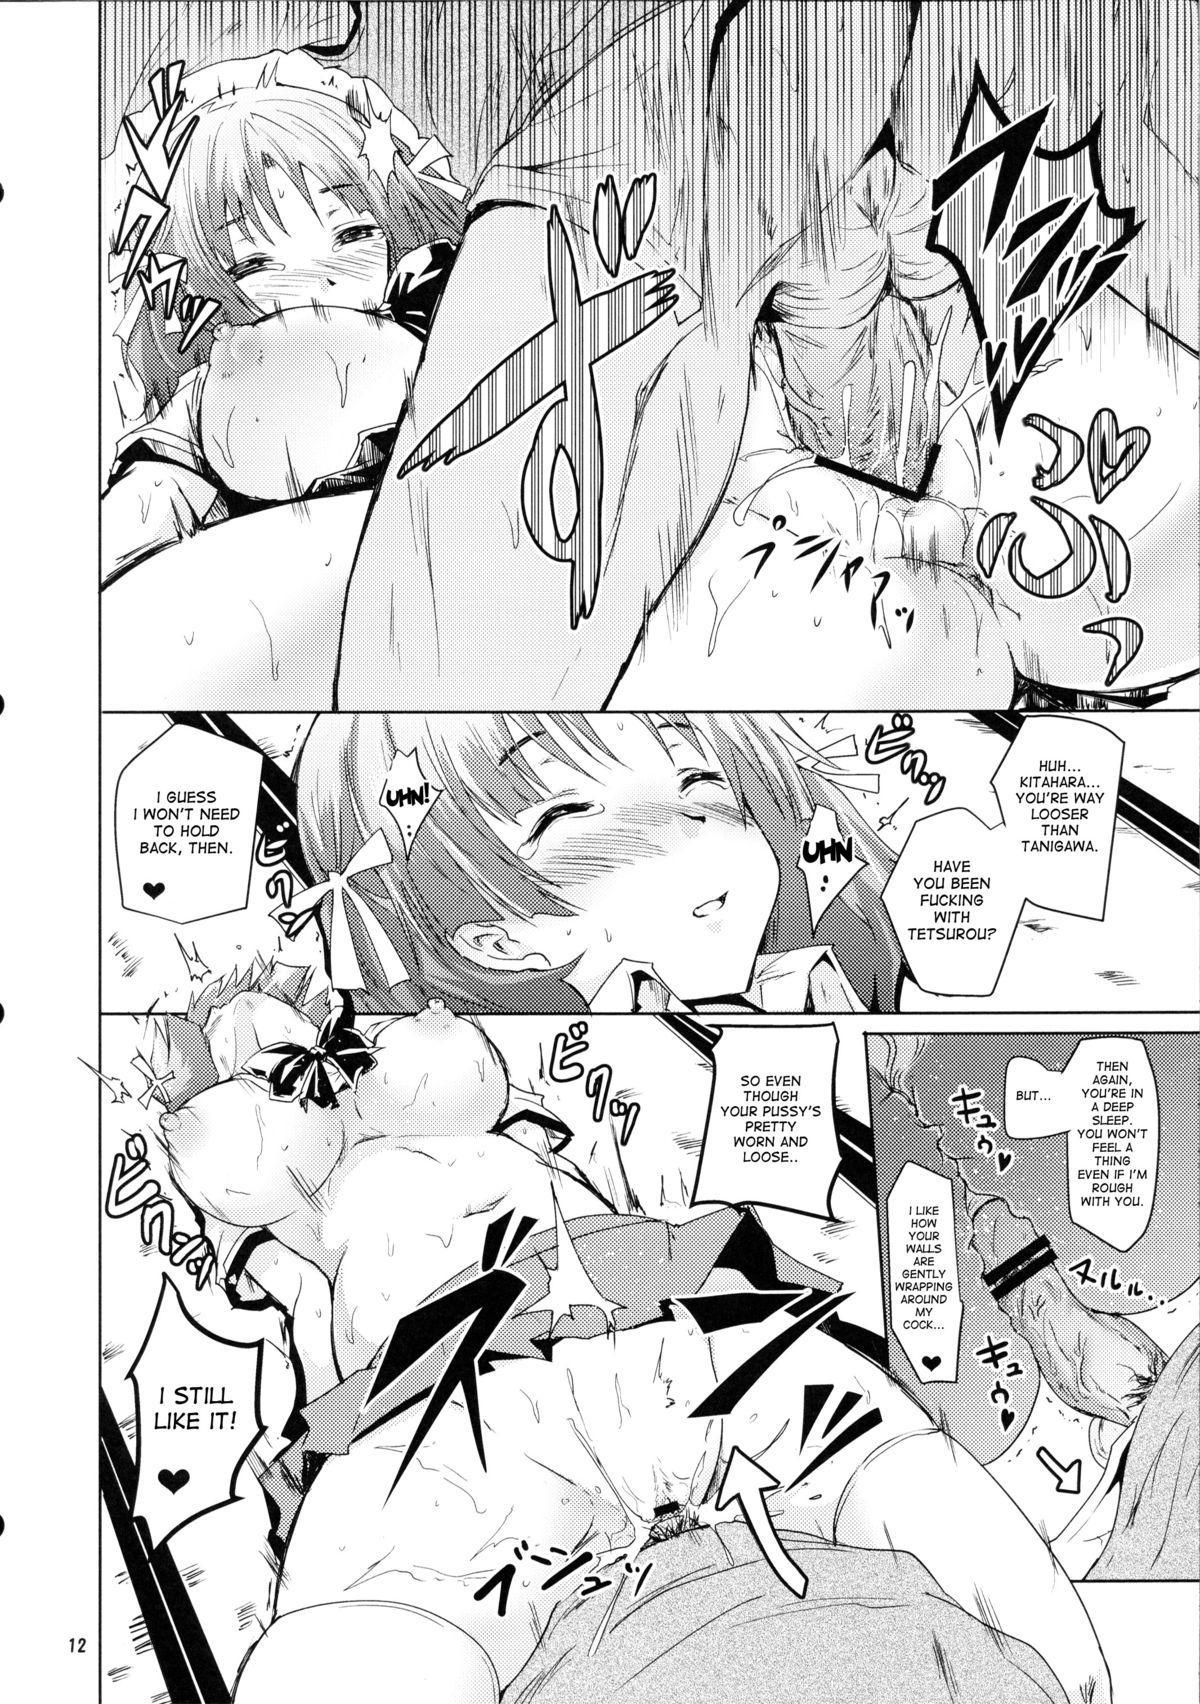 Ano Natsu no Yonoyume | A Summer Night's Dream 10